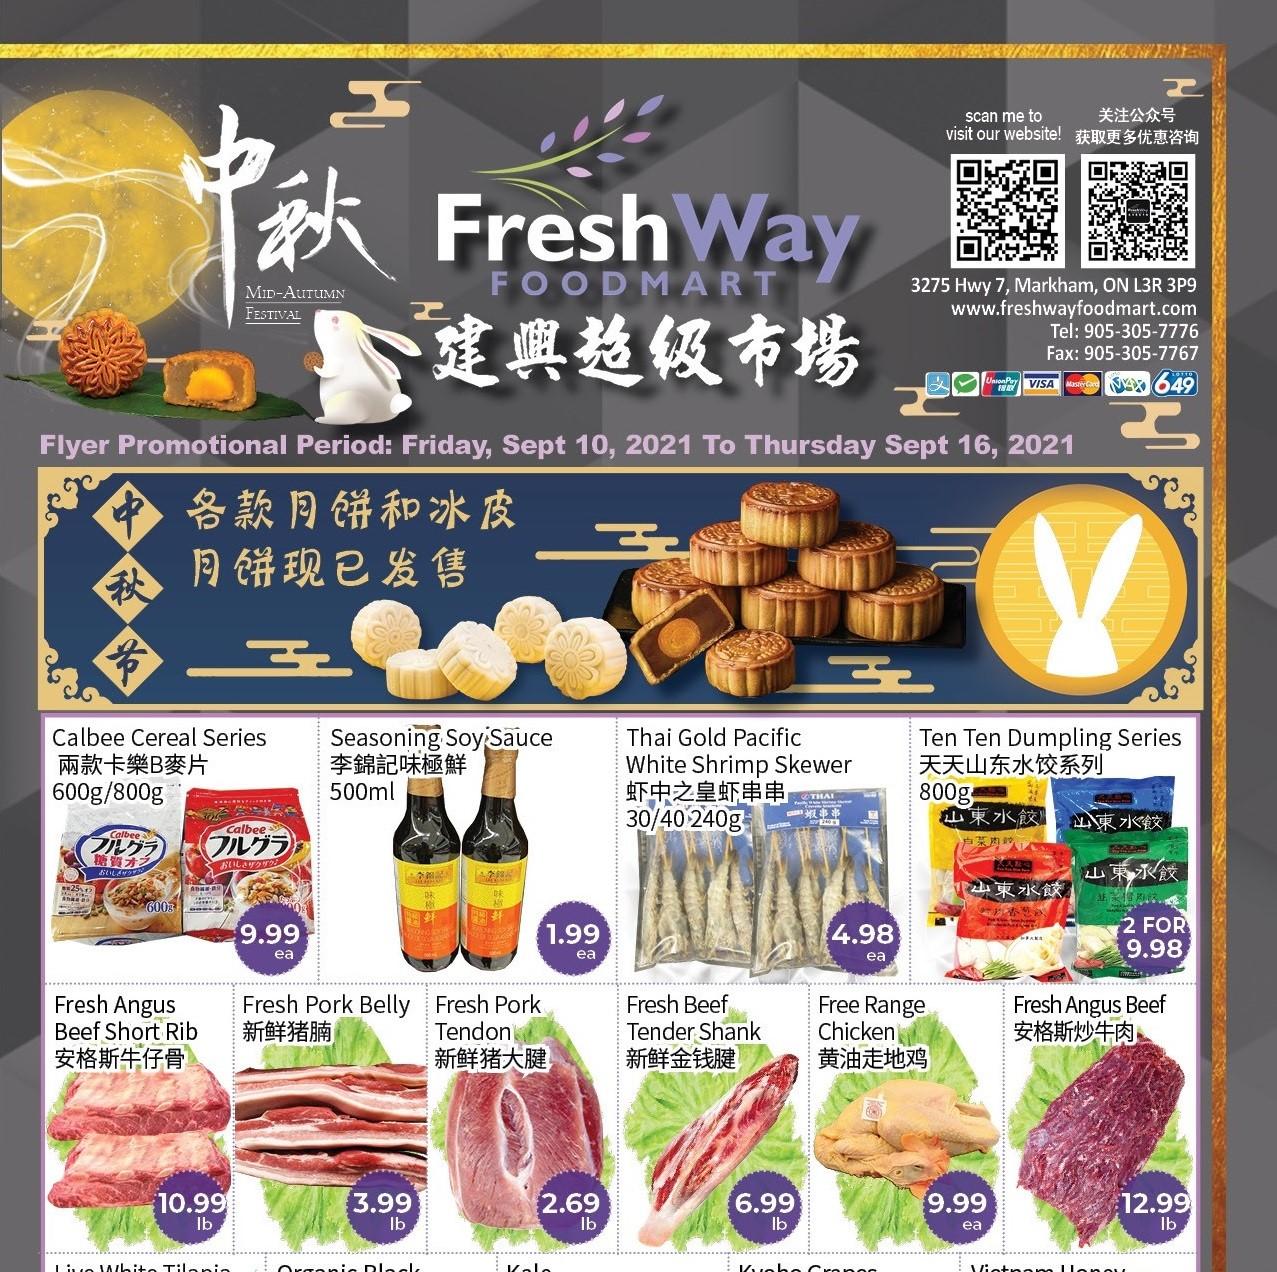 FreshWay Foodmart Flyer   Sep 10